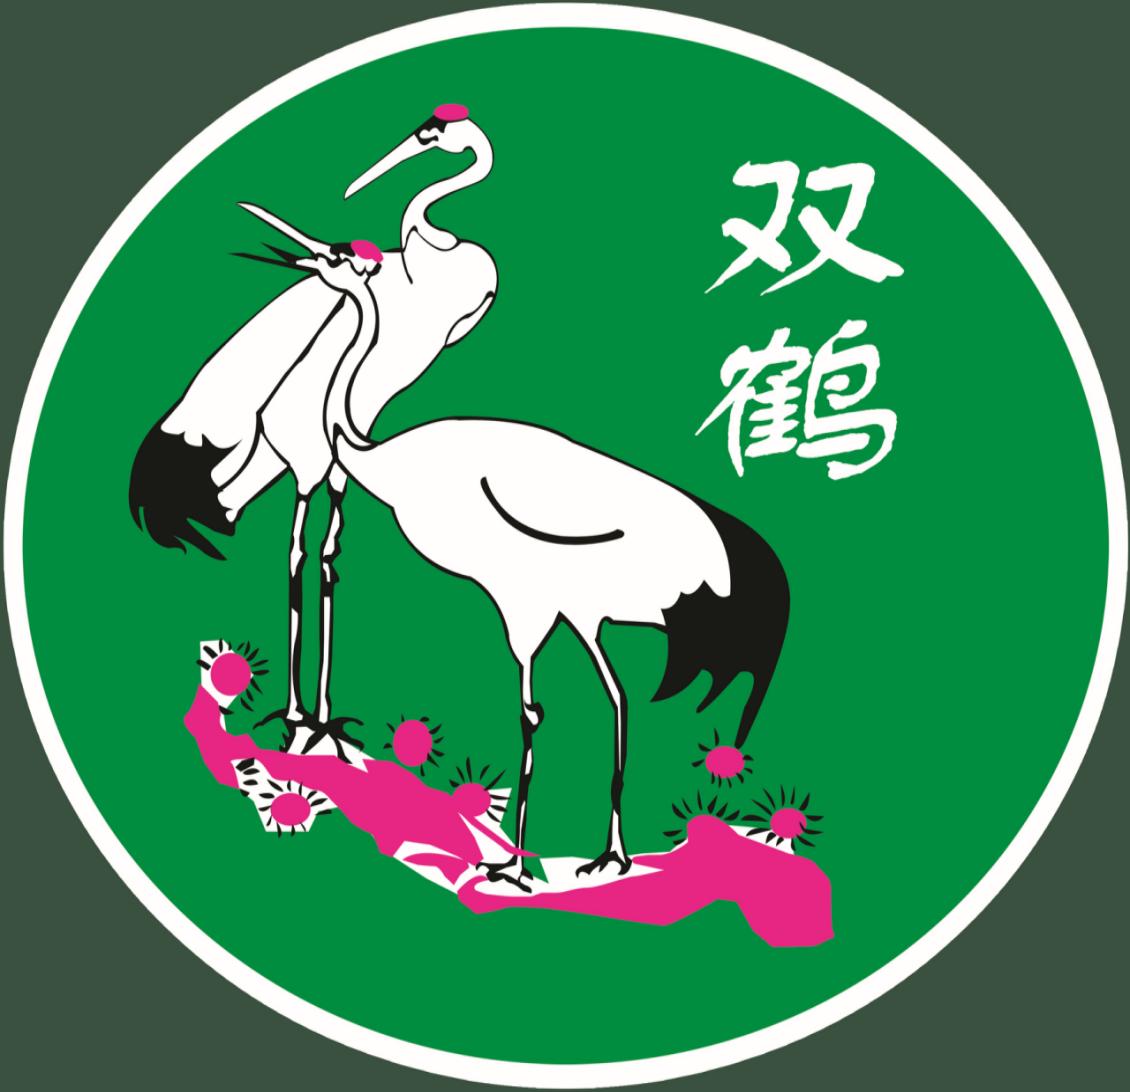 河北玖鹤生物科技有限公司